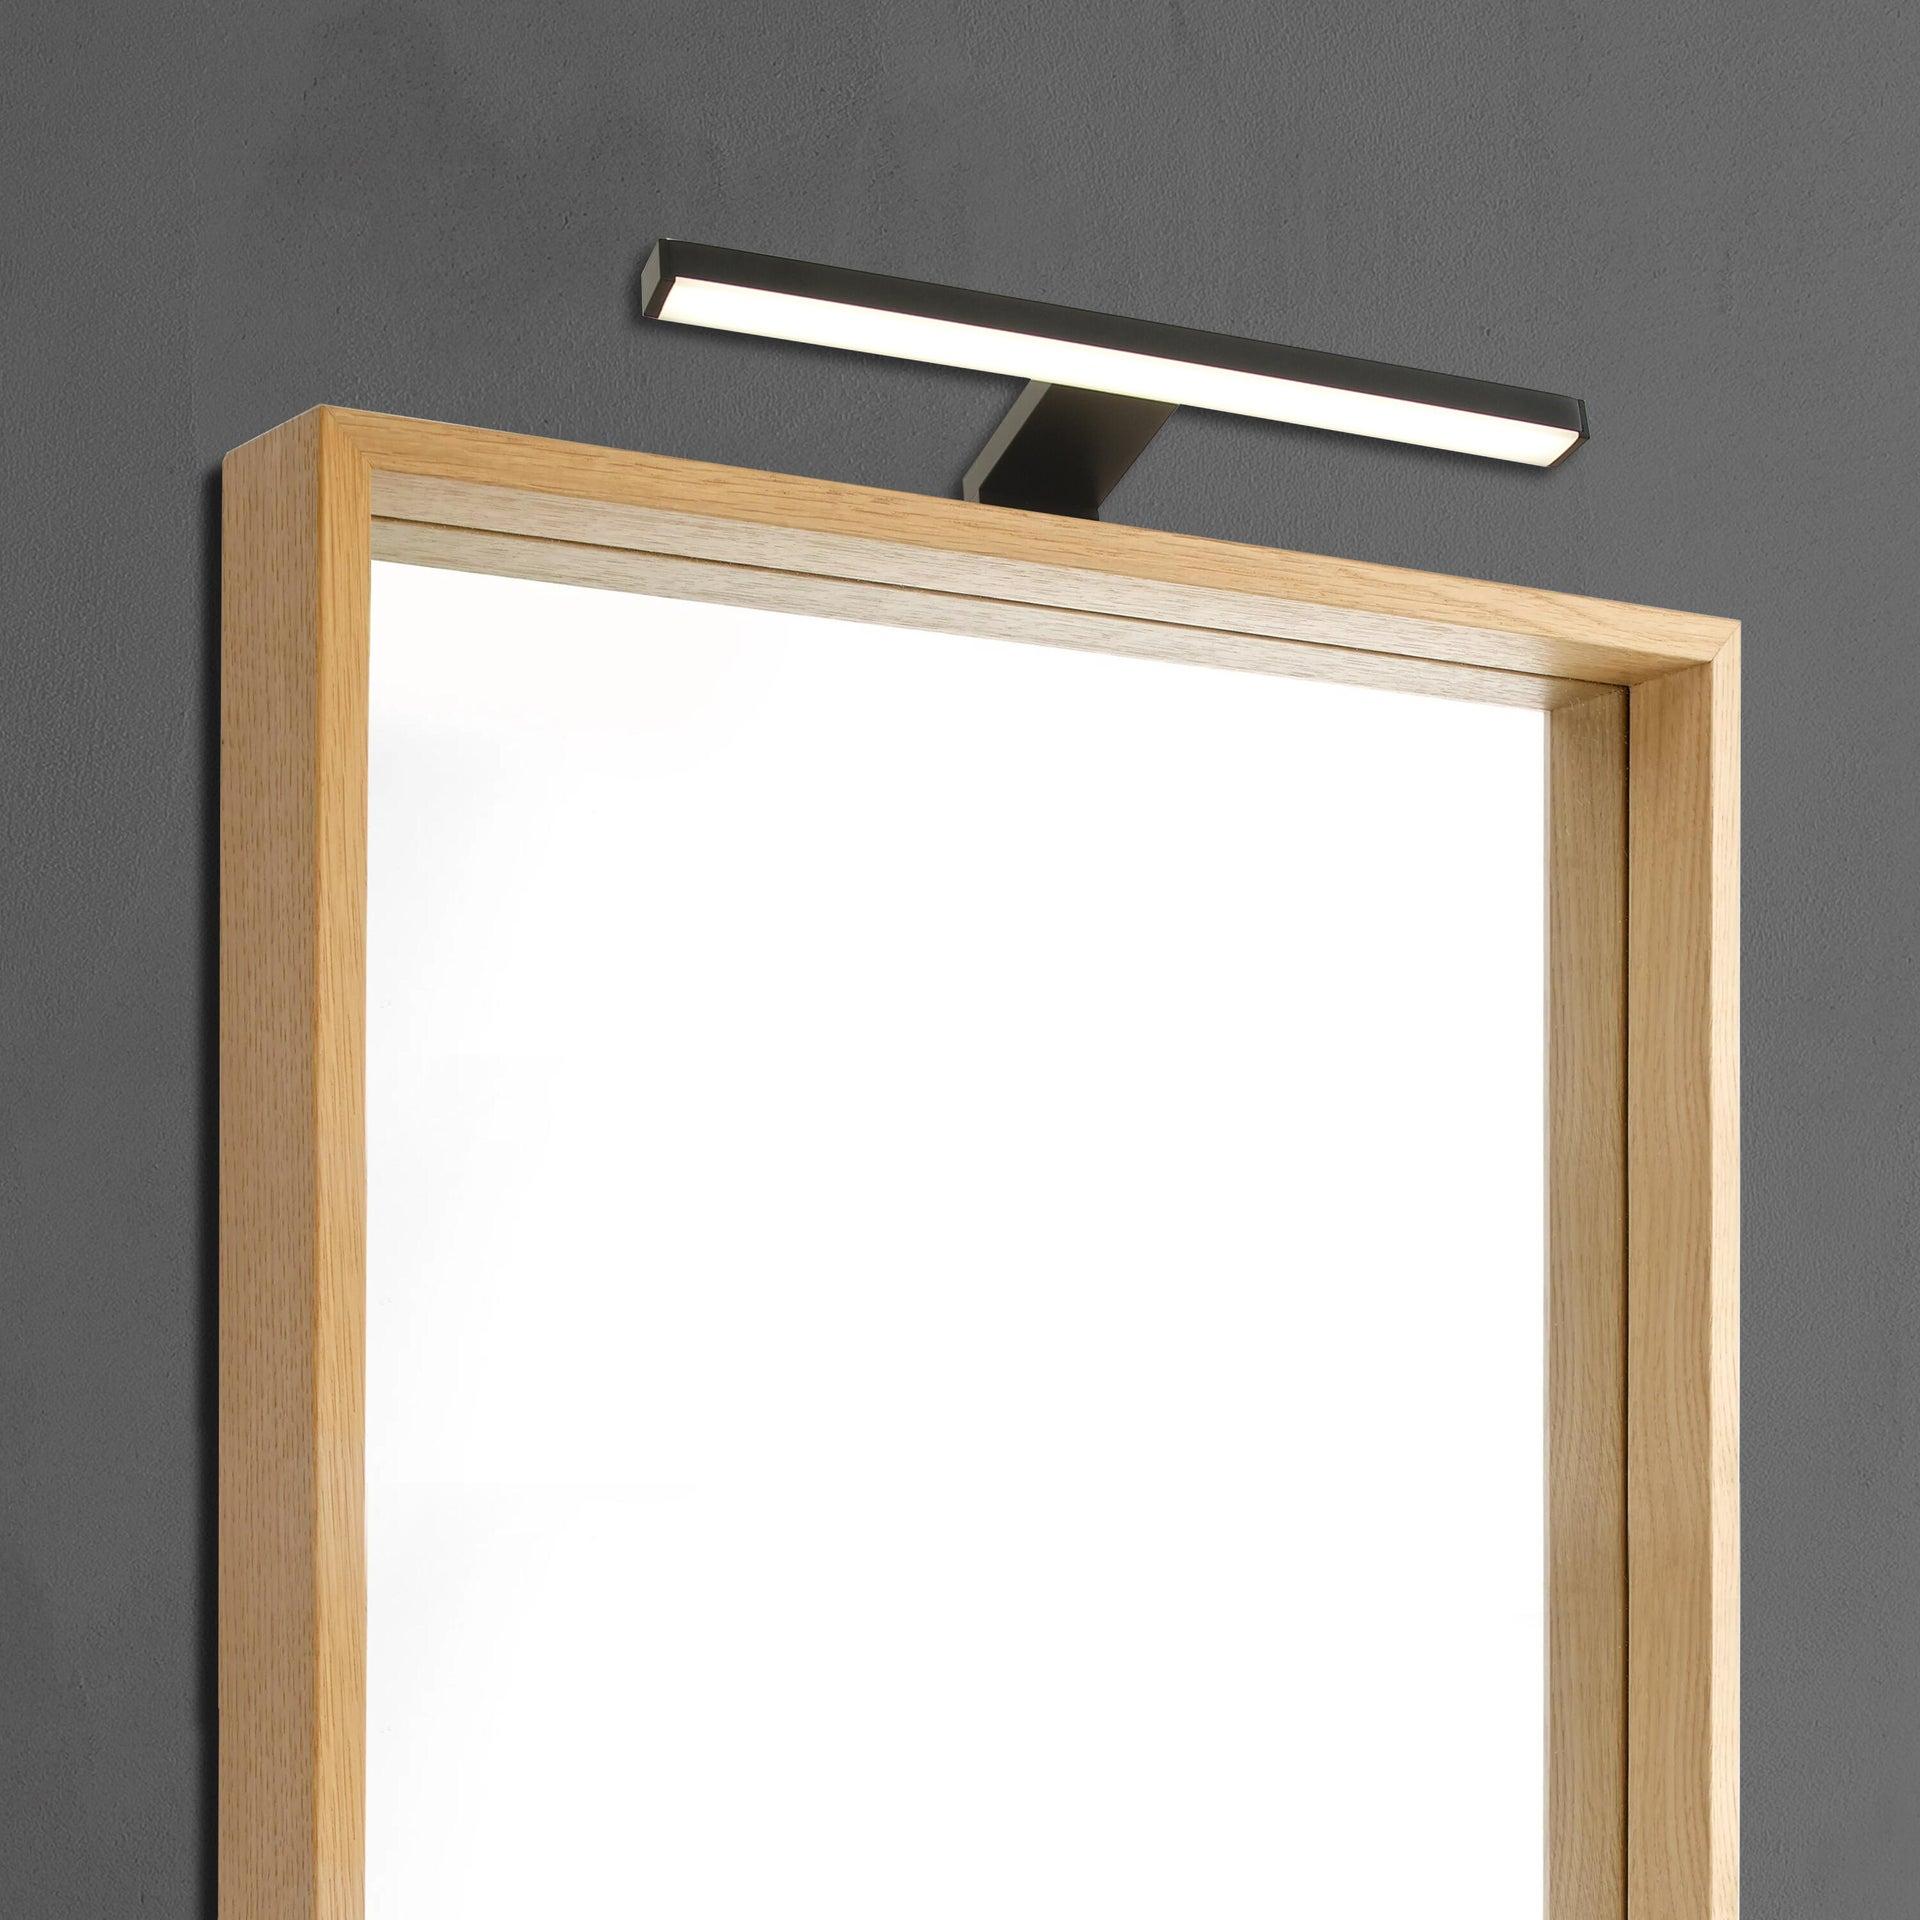 Applique moderno Slim con kit multi attacco , in alluminio, 50.0x50.0 cm, INSPIRE - 10